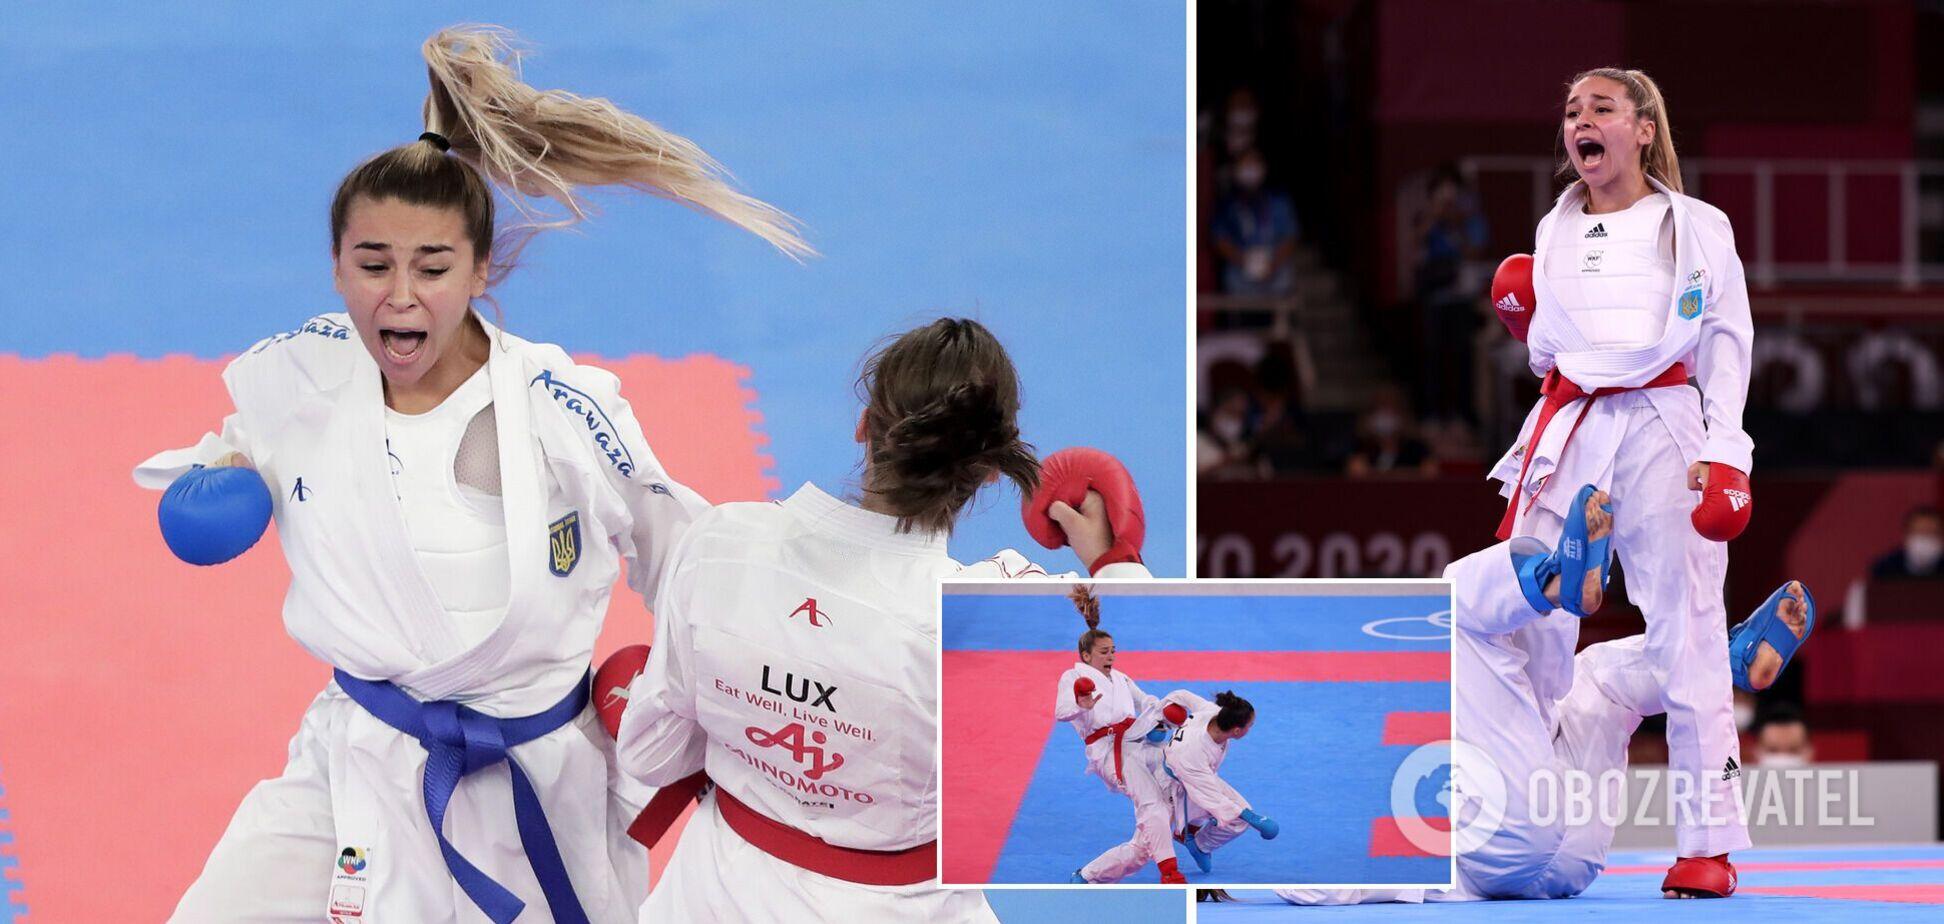 Каратистка Терлюга принесла Украине третье 'серебро' на Олимпиаде-2020